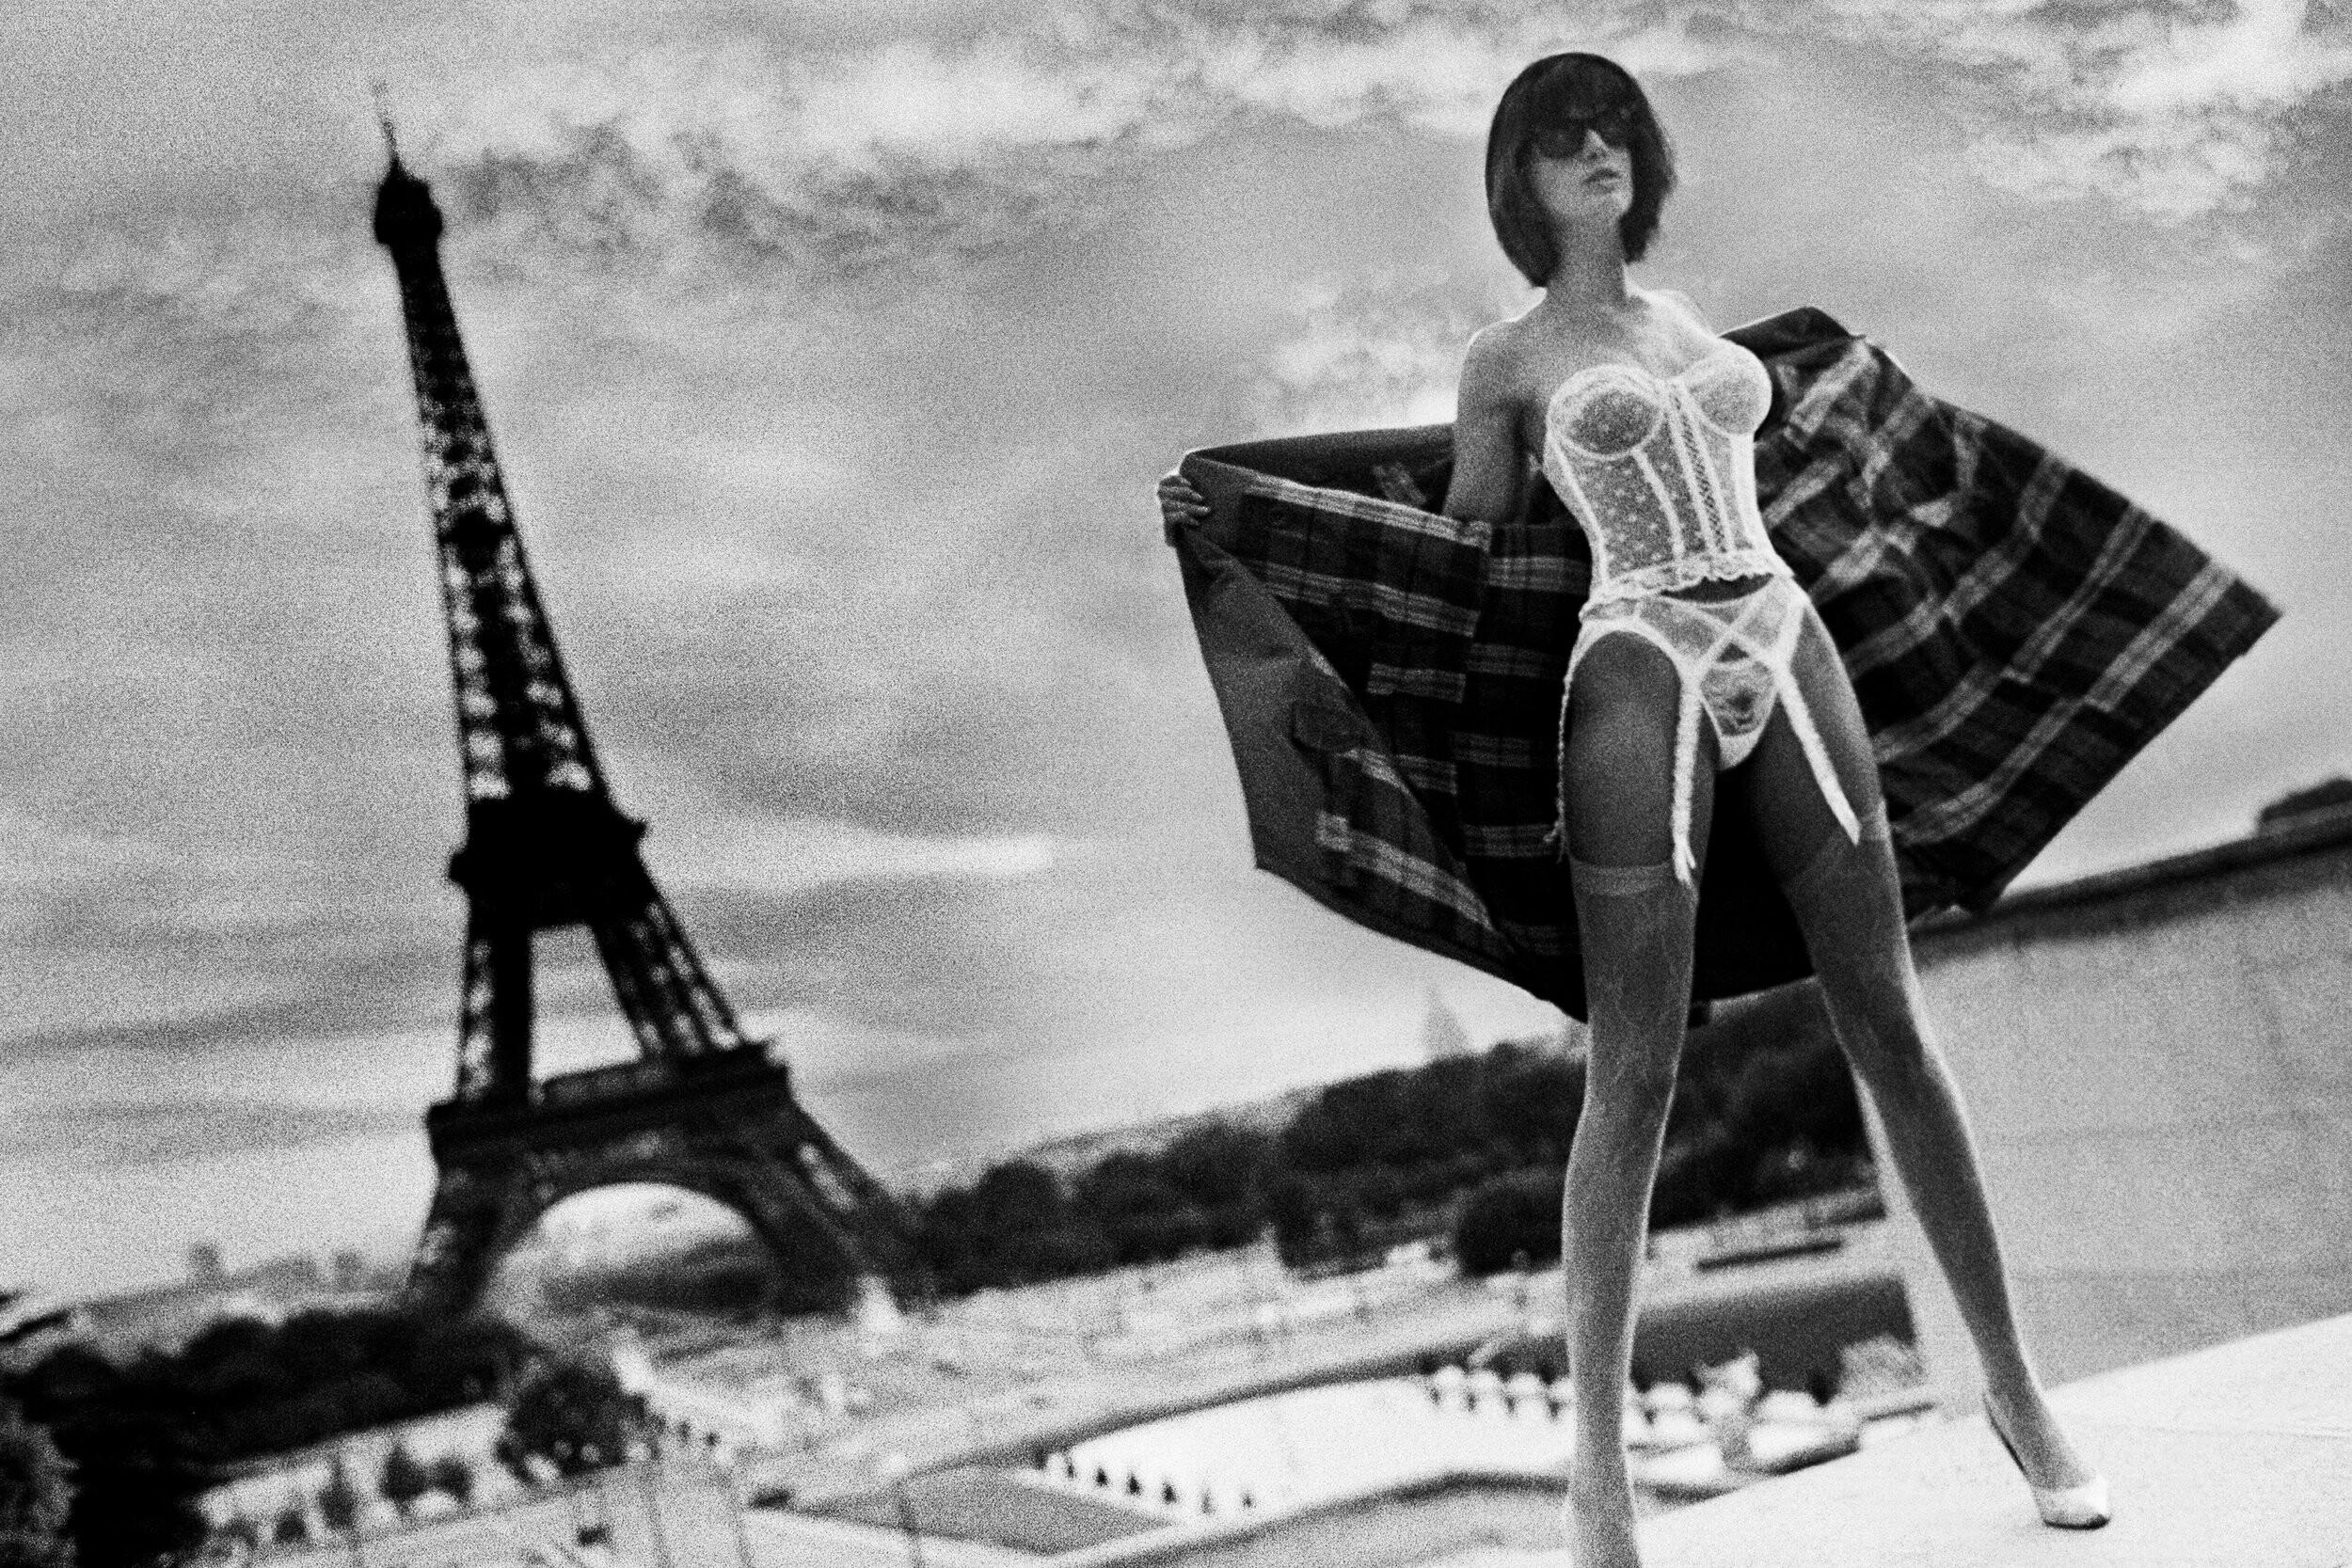 Стефани Сеймур, Париж, 1982. Фотограф Марко Главиано